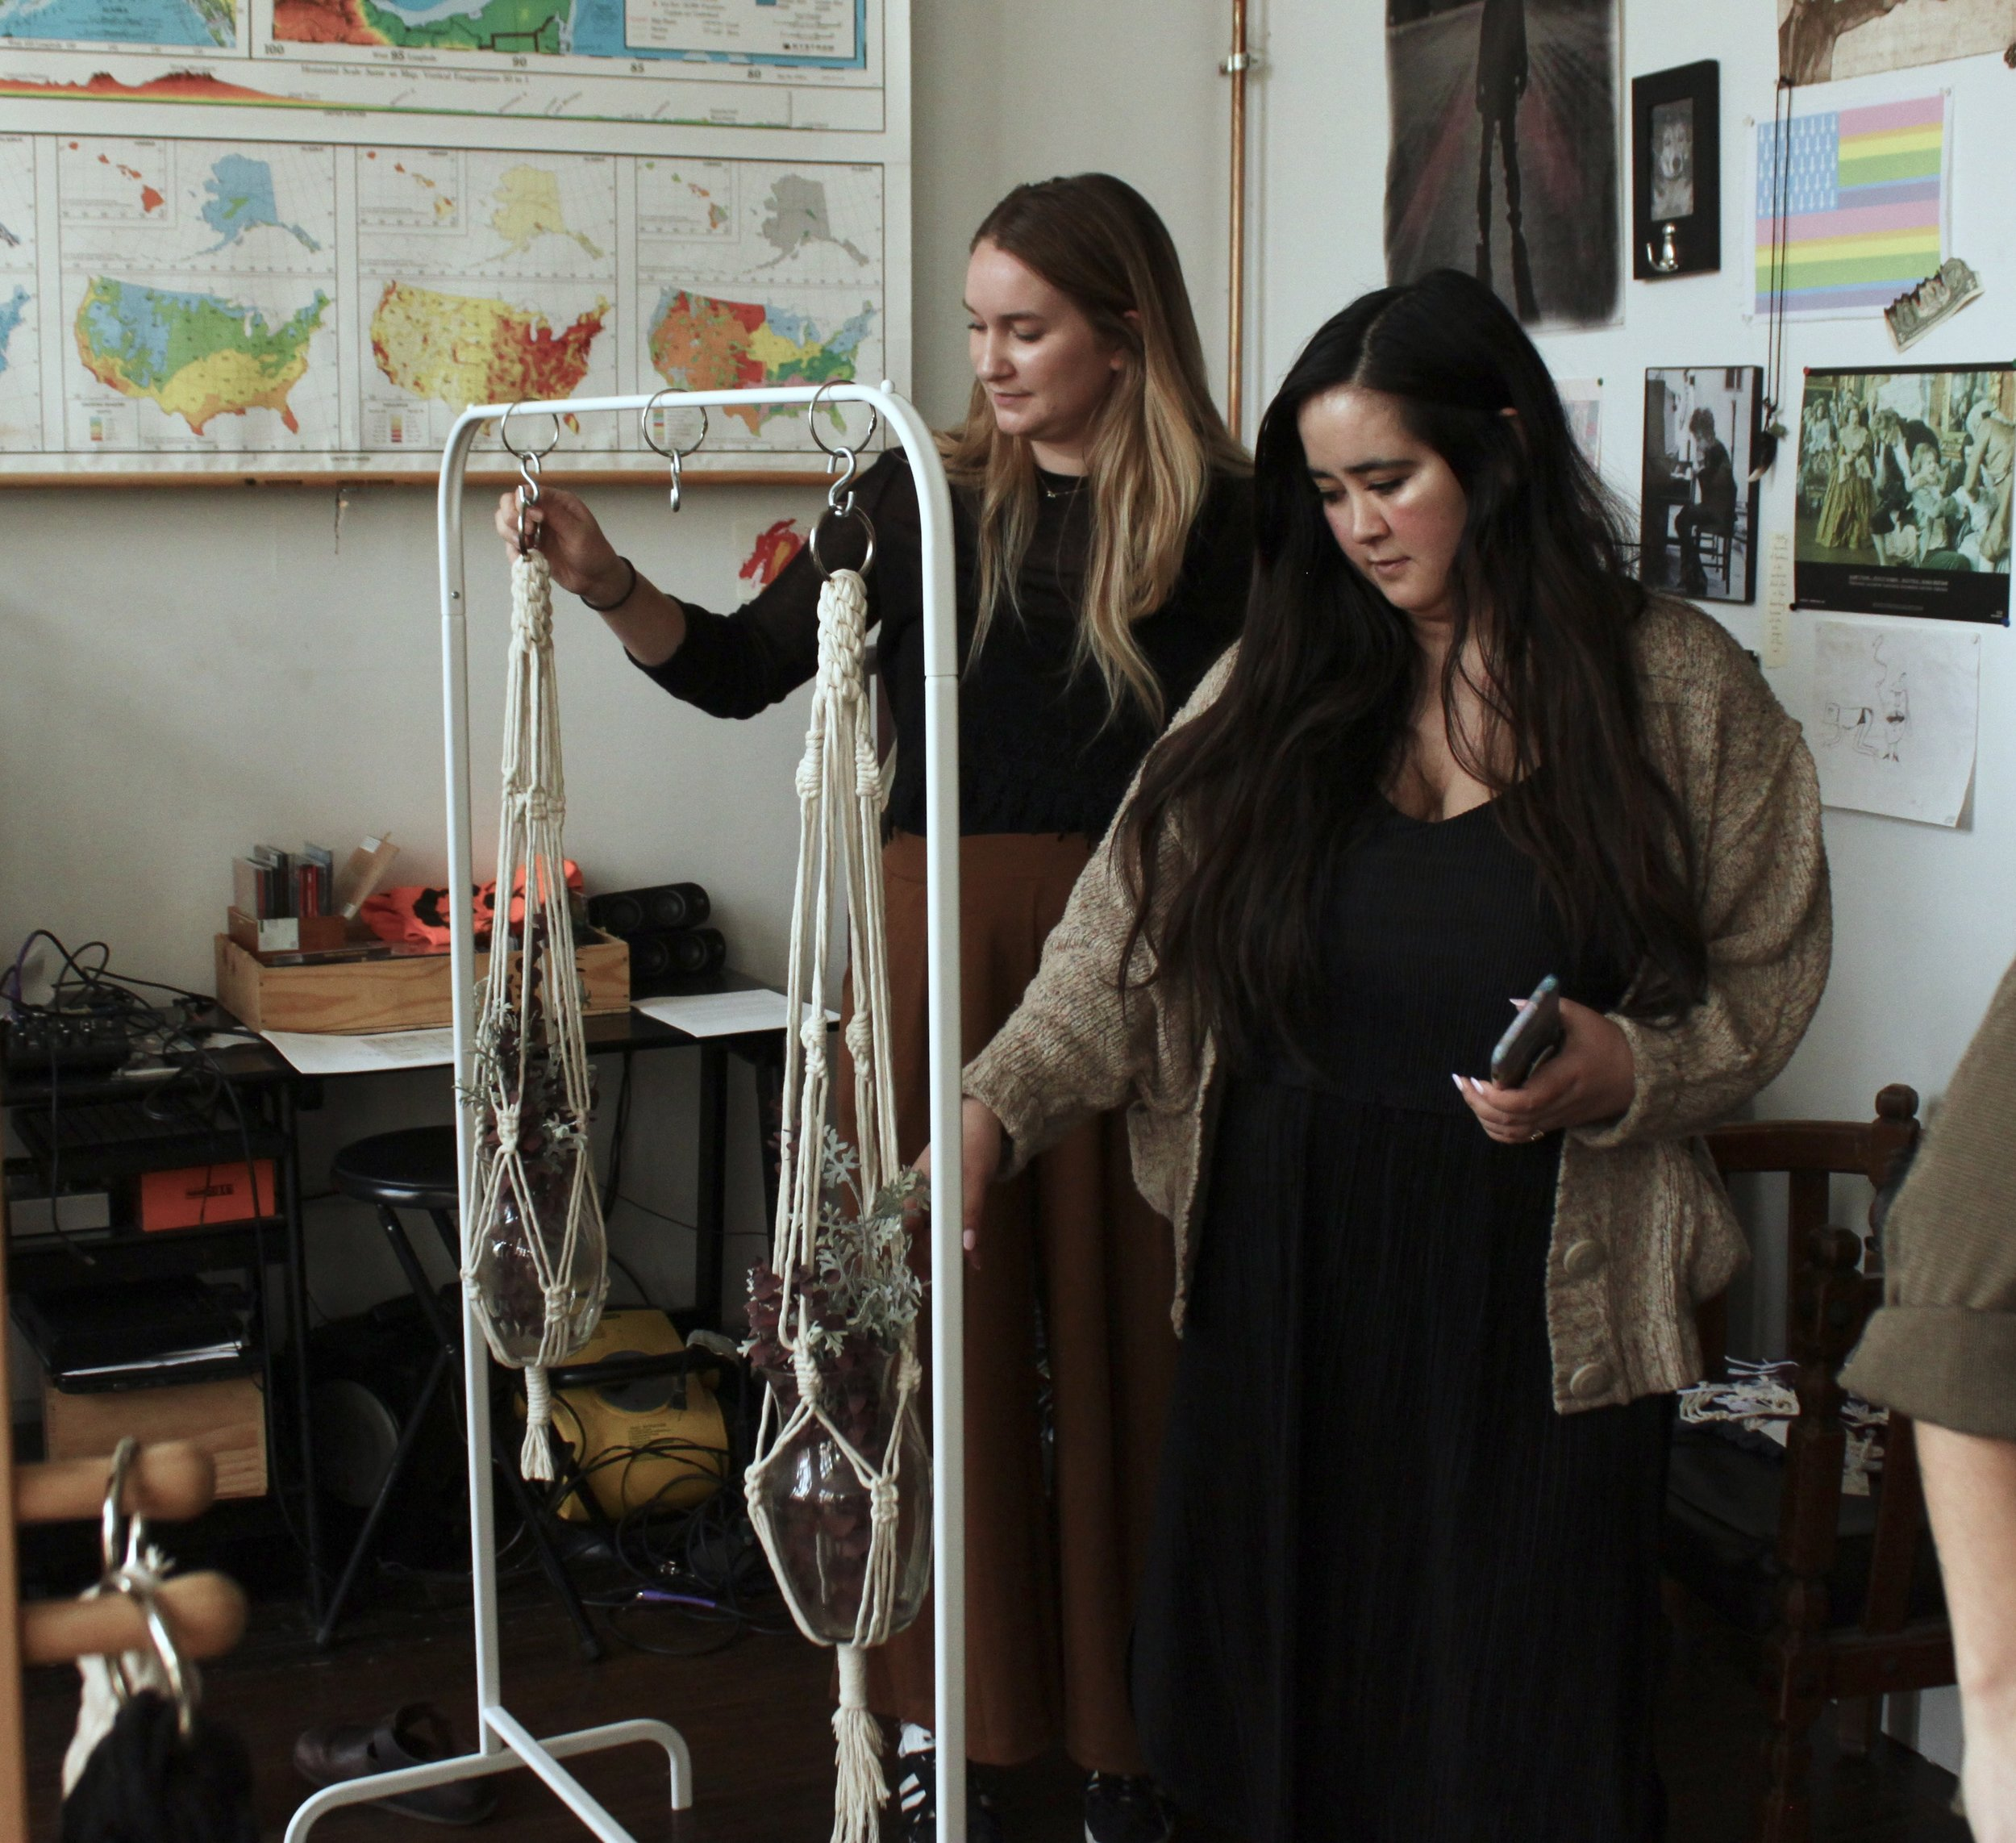 Emily + Melia admiring their work.